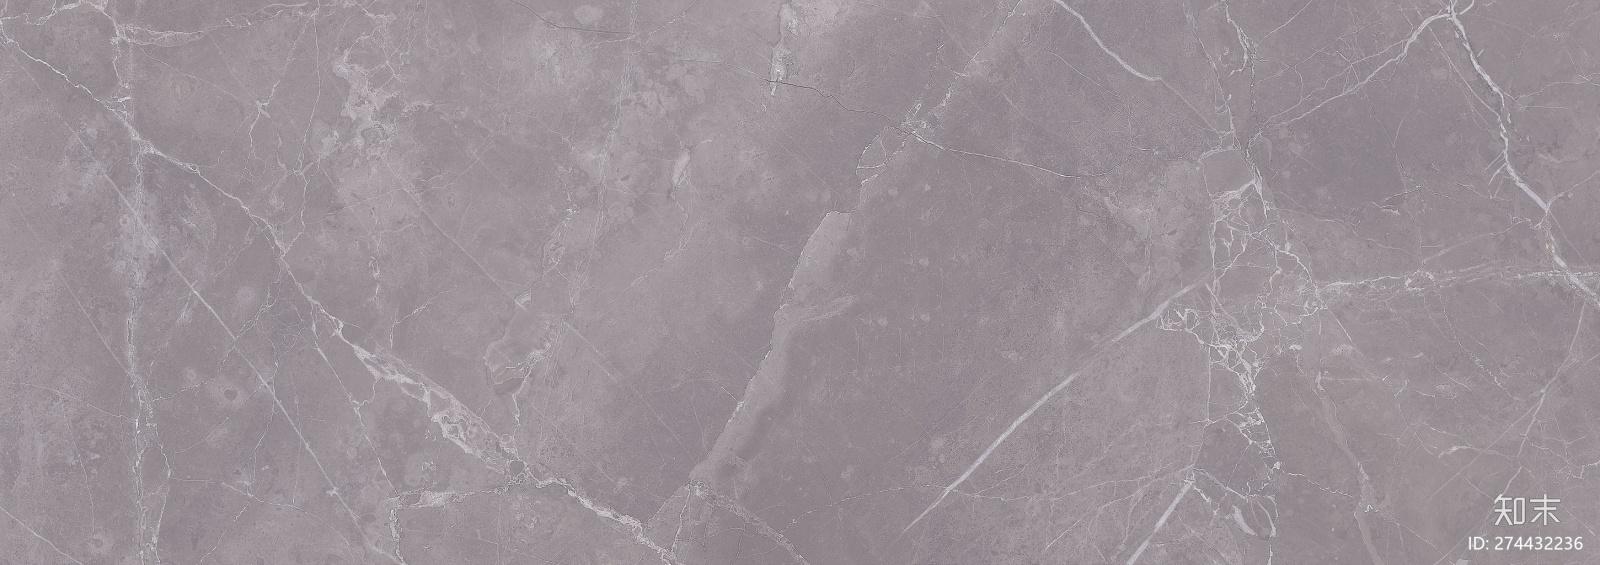 金科IF瓷砖卡帕深灰贴图下载【ID:274432236】